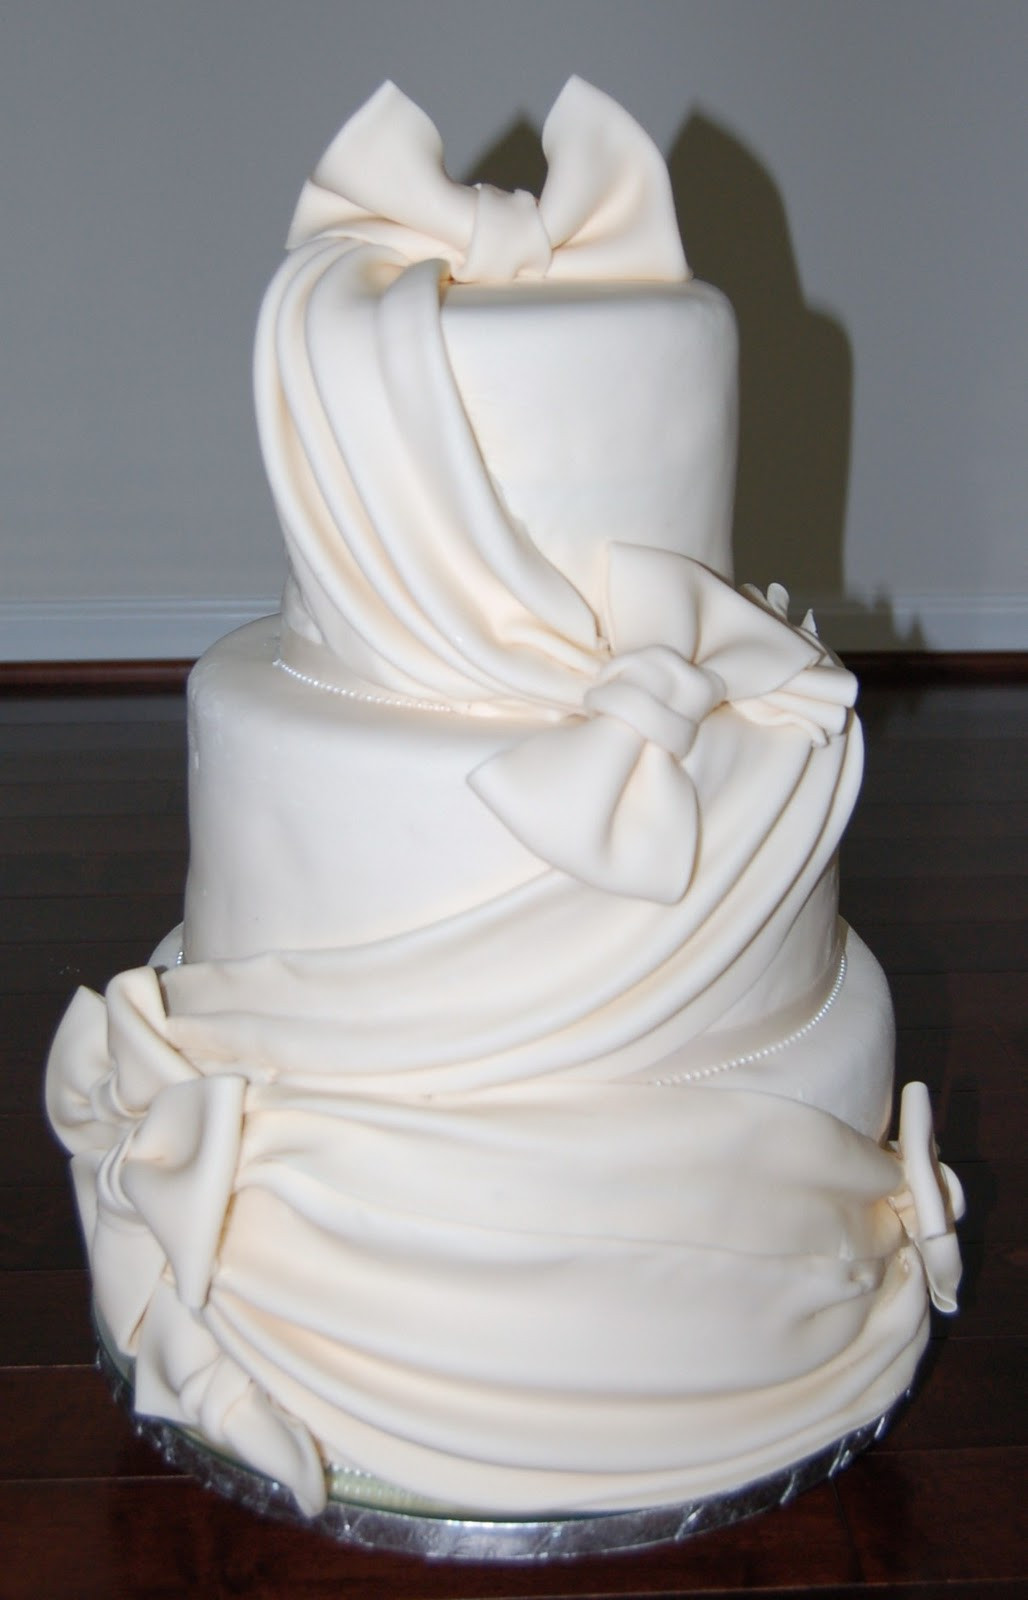 Wedding Cakes Decoration  Cake Decorating Tips Chocolate 7 Layer Wedding Cake